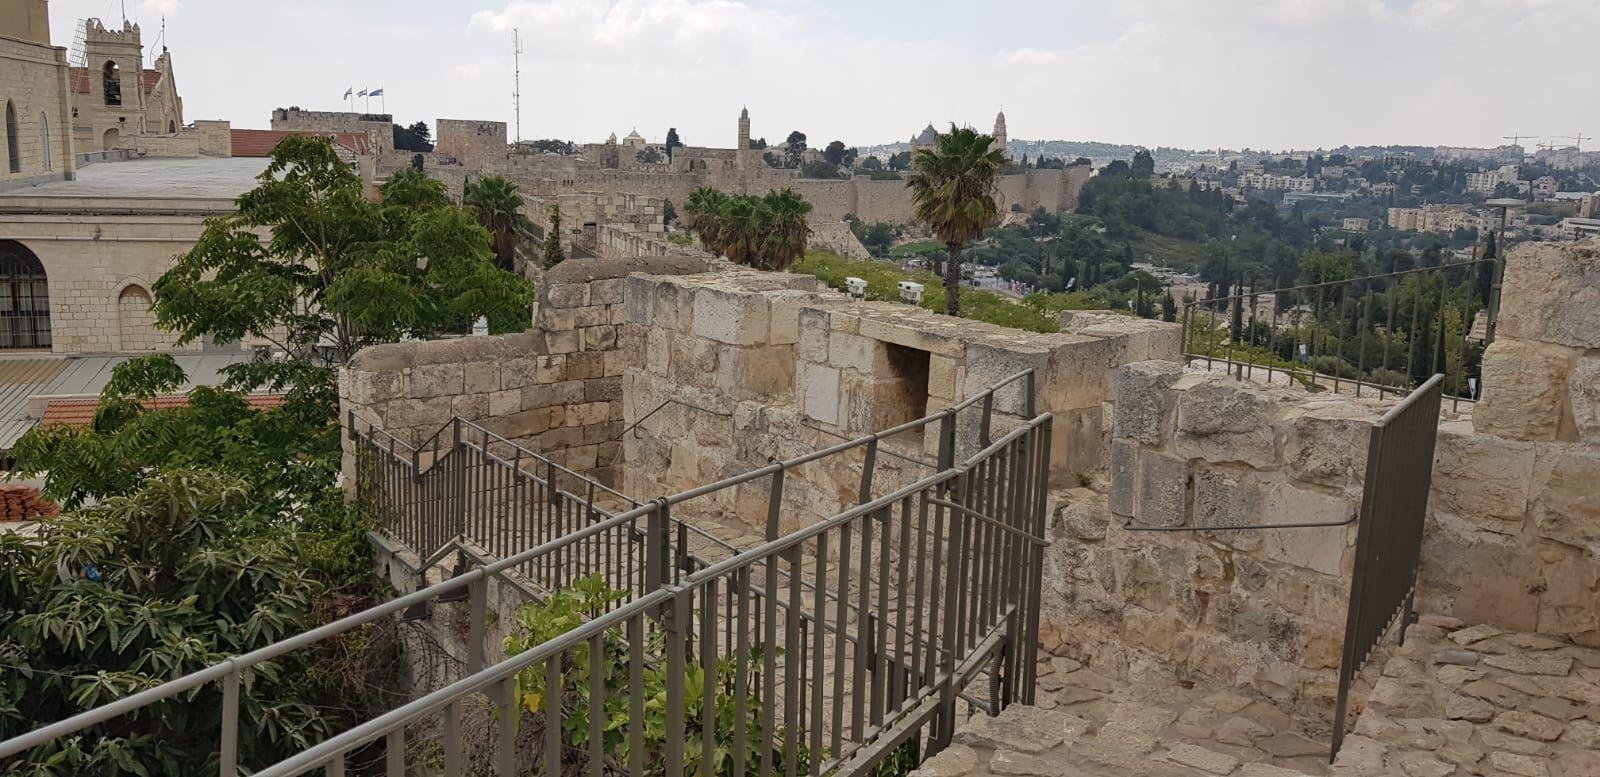 שיקום טיילת חומות העיר העתיקה, ירושלים תמונה מספר 2